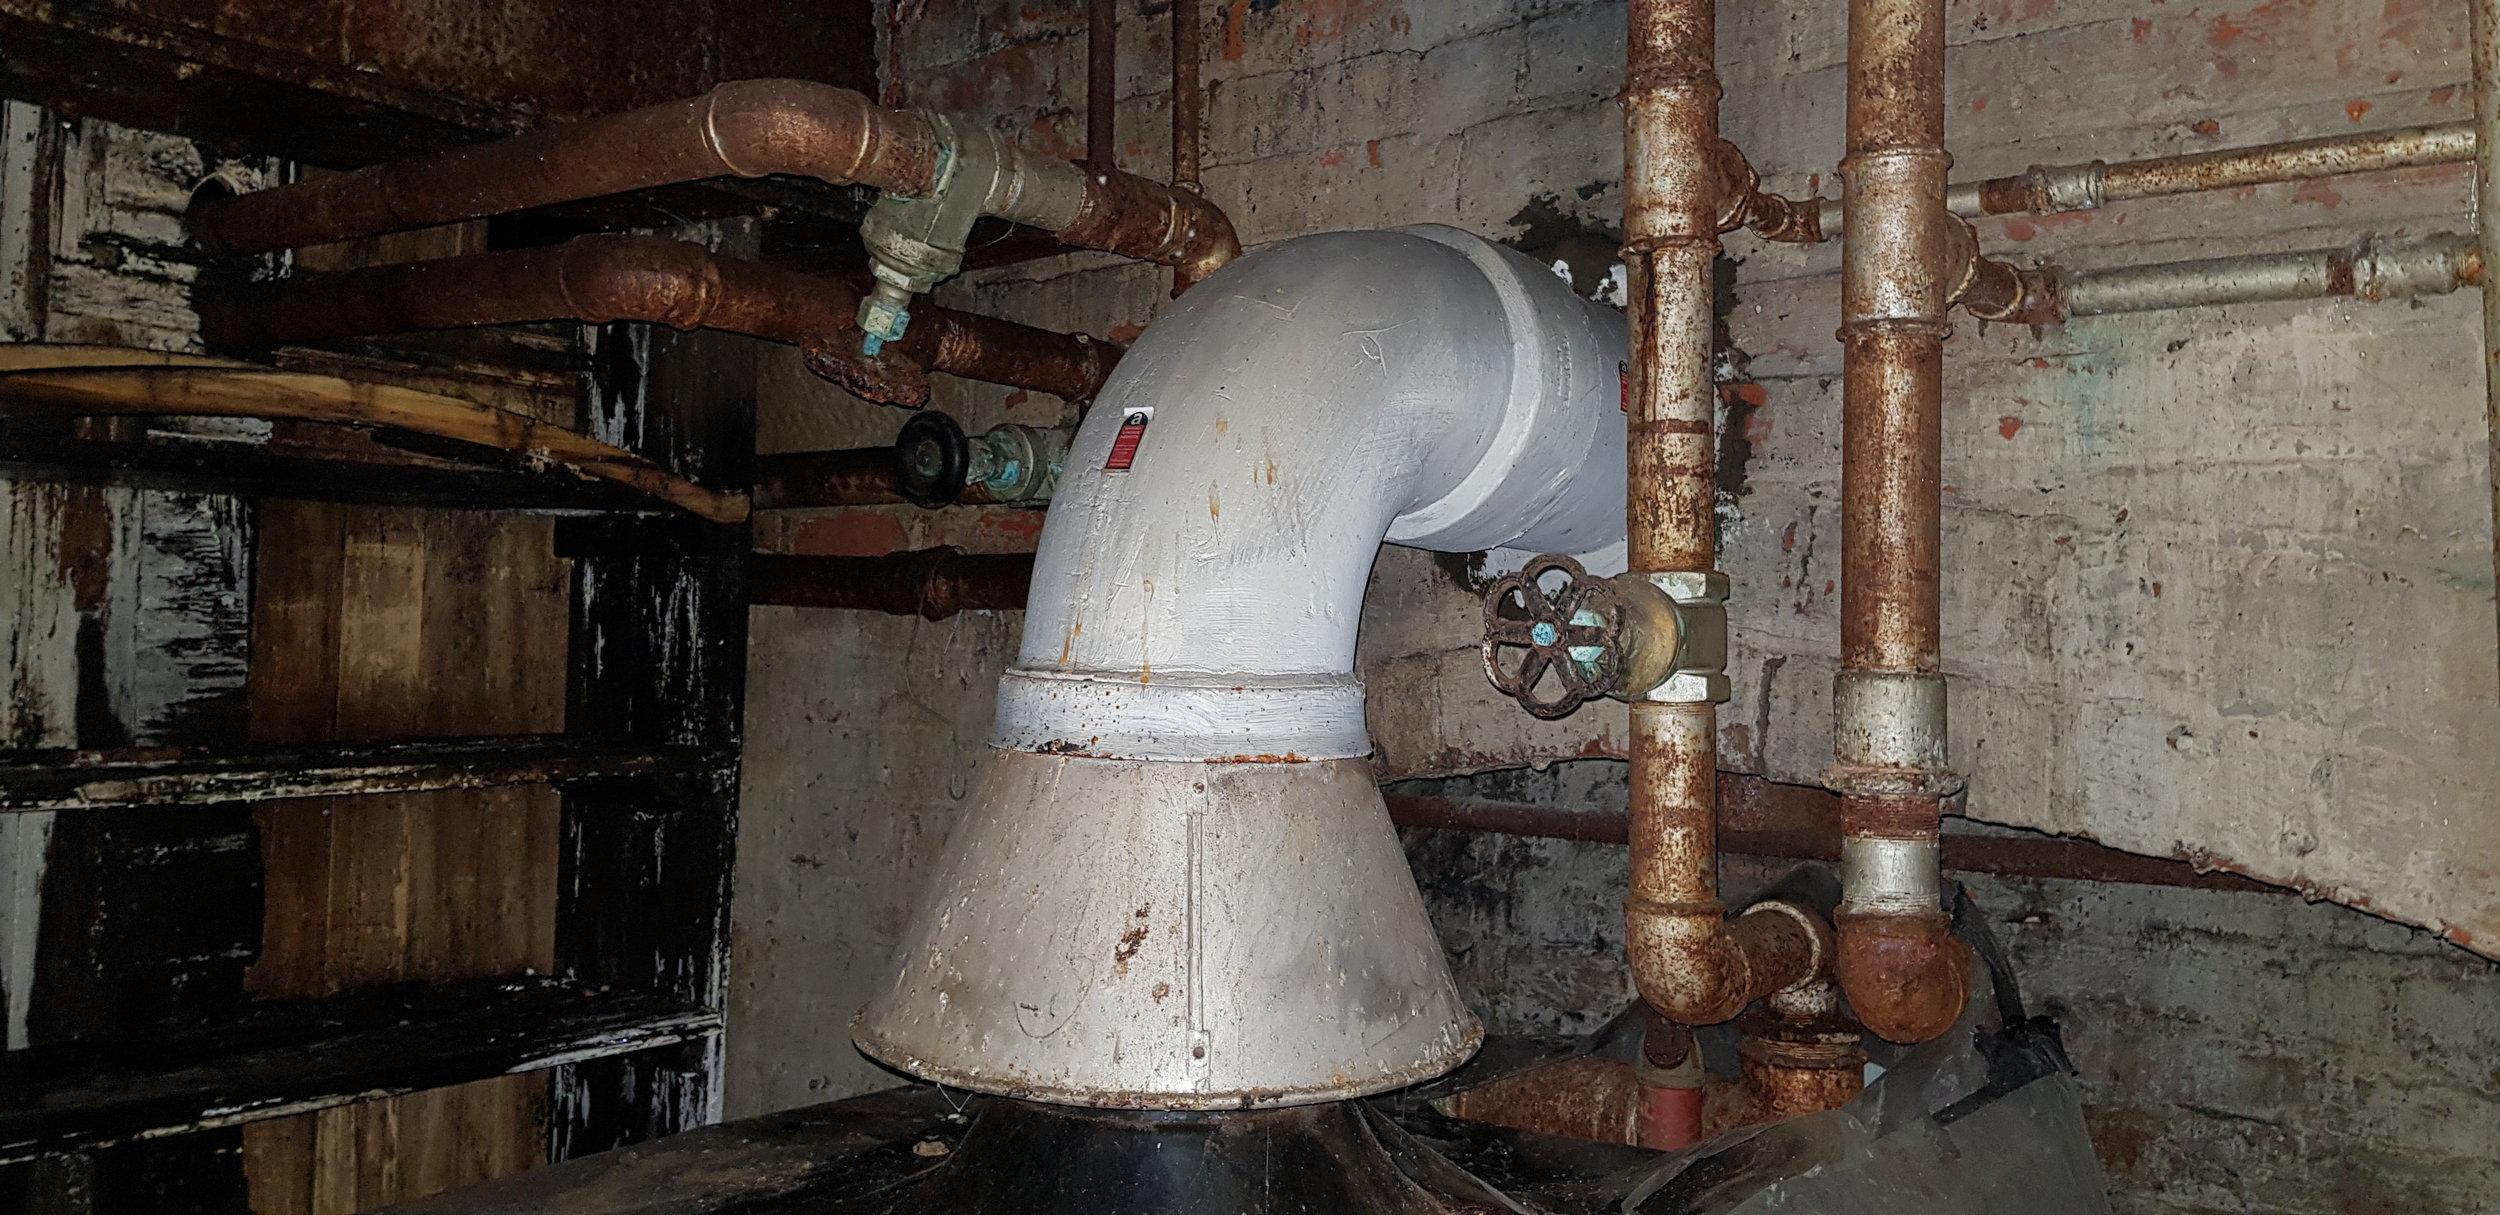 Asbestos Cement Flue Pipe